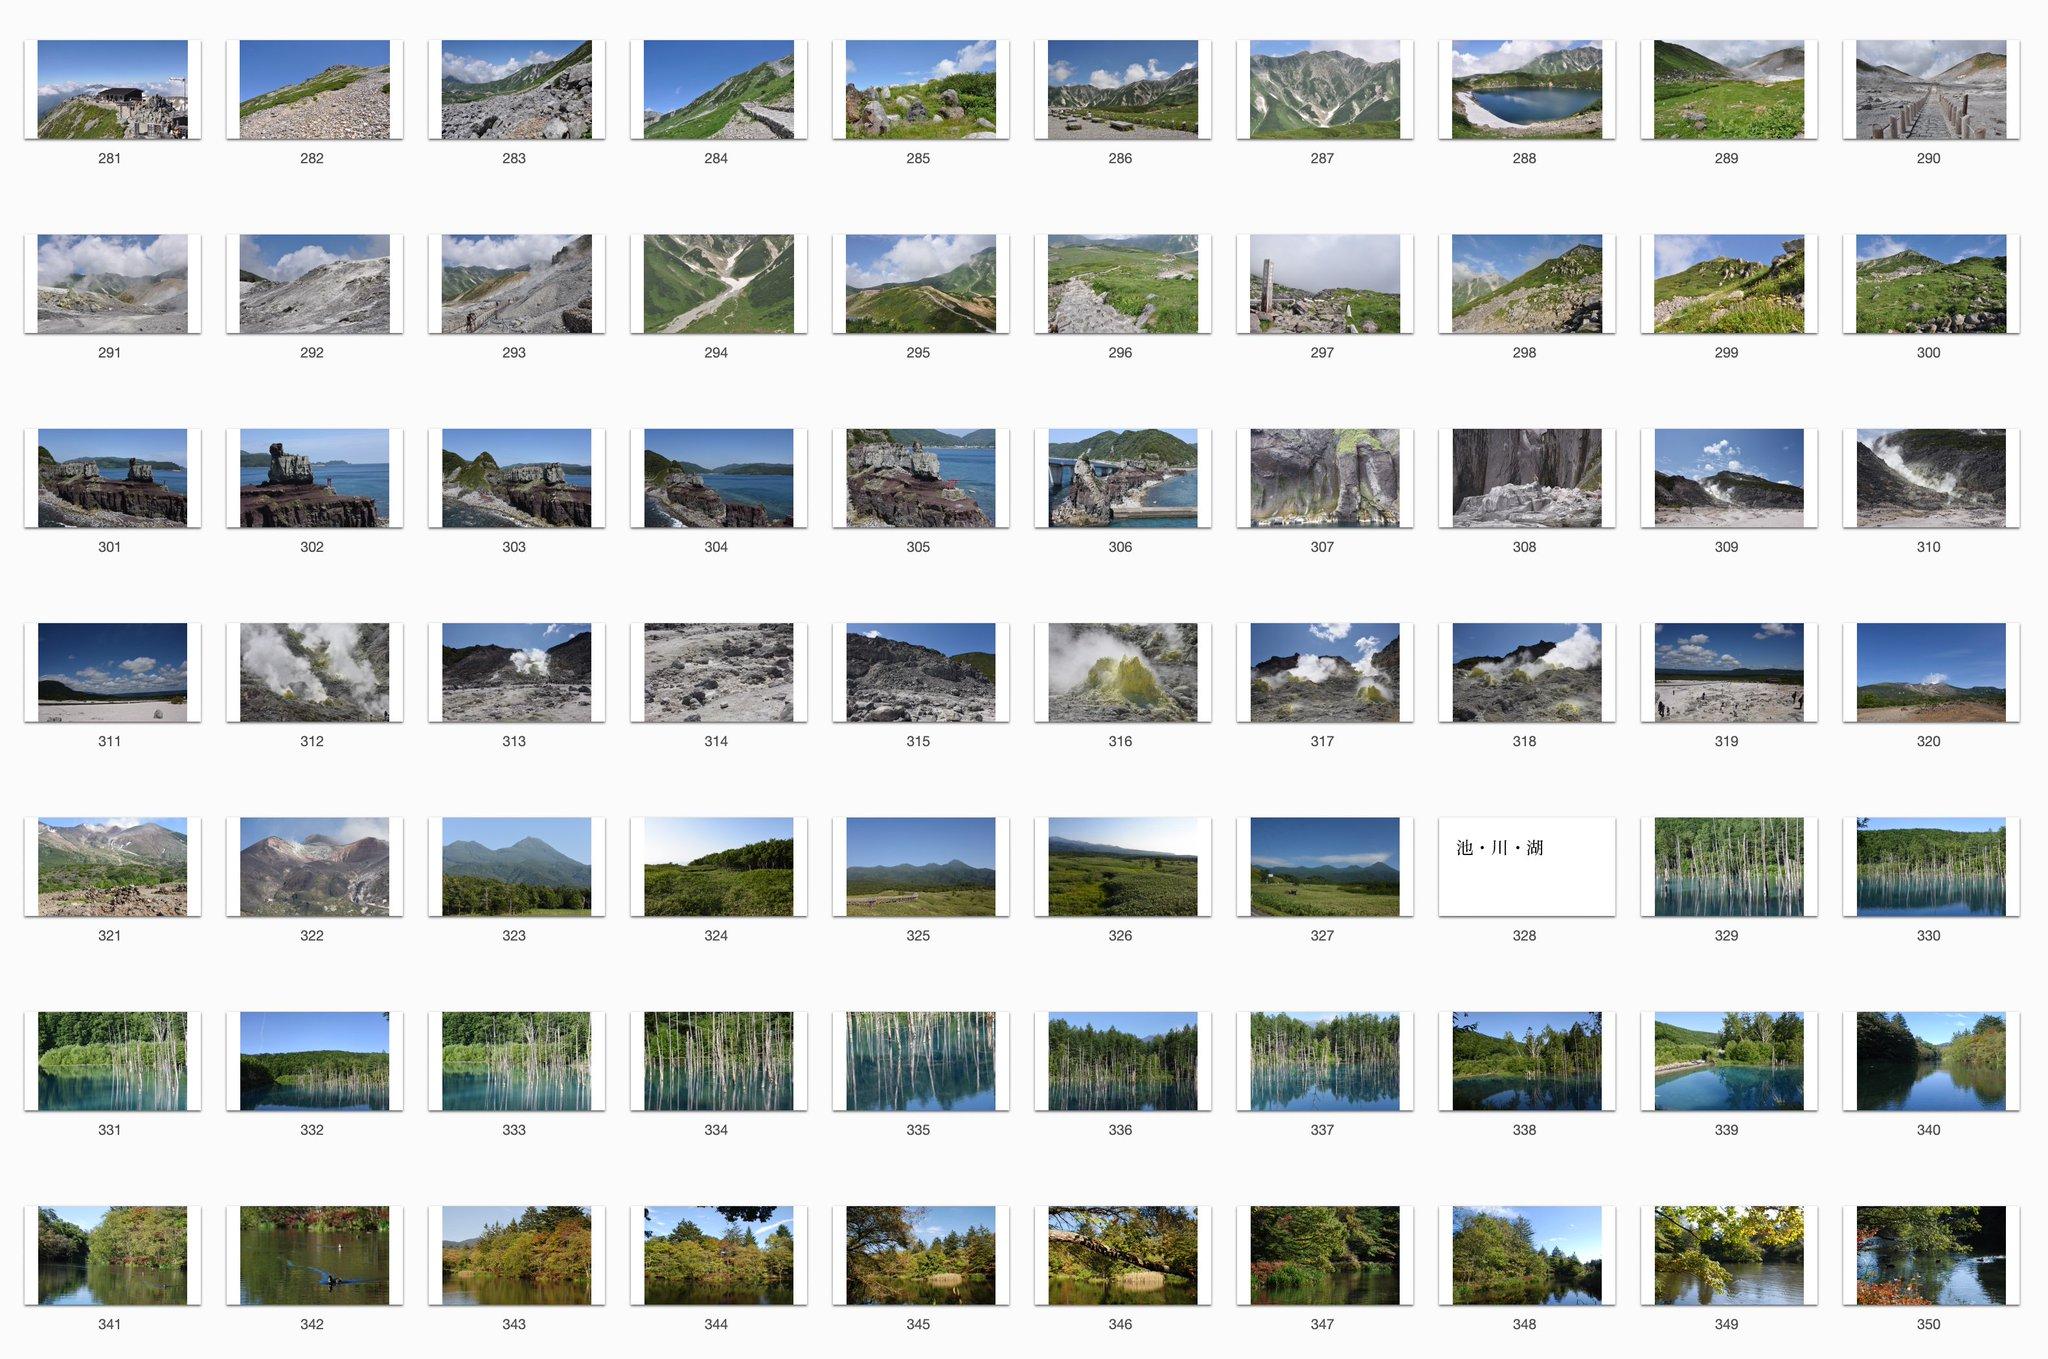 以前廃墟写真集で紹介した知人カメラマンが、今度は500枚以上の自然写真を収めた電子書籍の背景資料集の無料キャンペーンやってます。 トレースや加工背景もOKという、絵描きが泣いて喜ぶ仕様はそのまま。 マ ジ で 無 料 で す 9/4までらしいので今のうちにどうぞ。